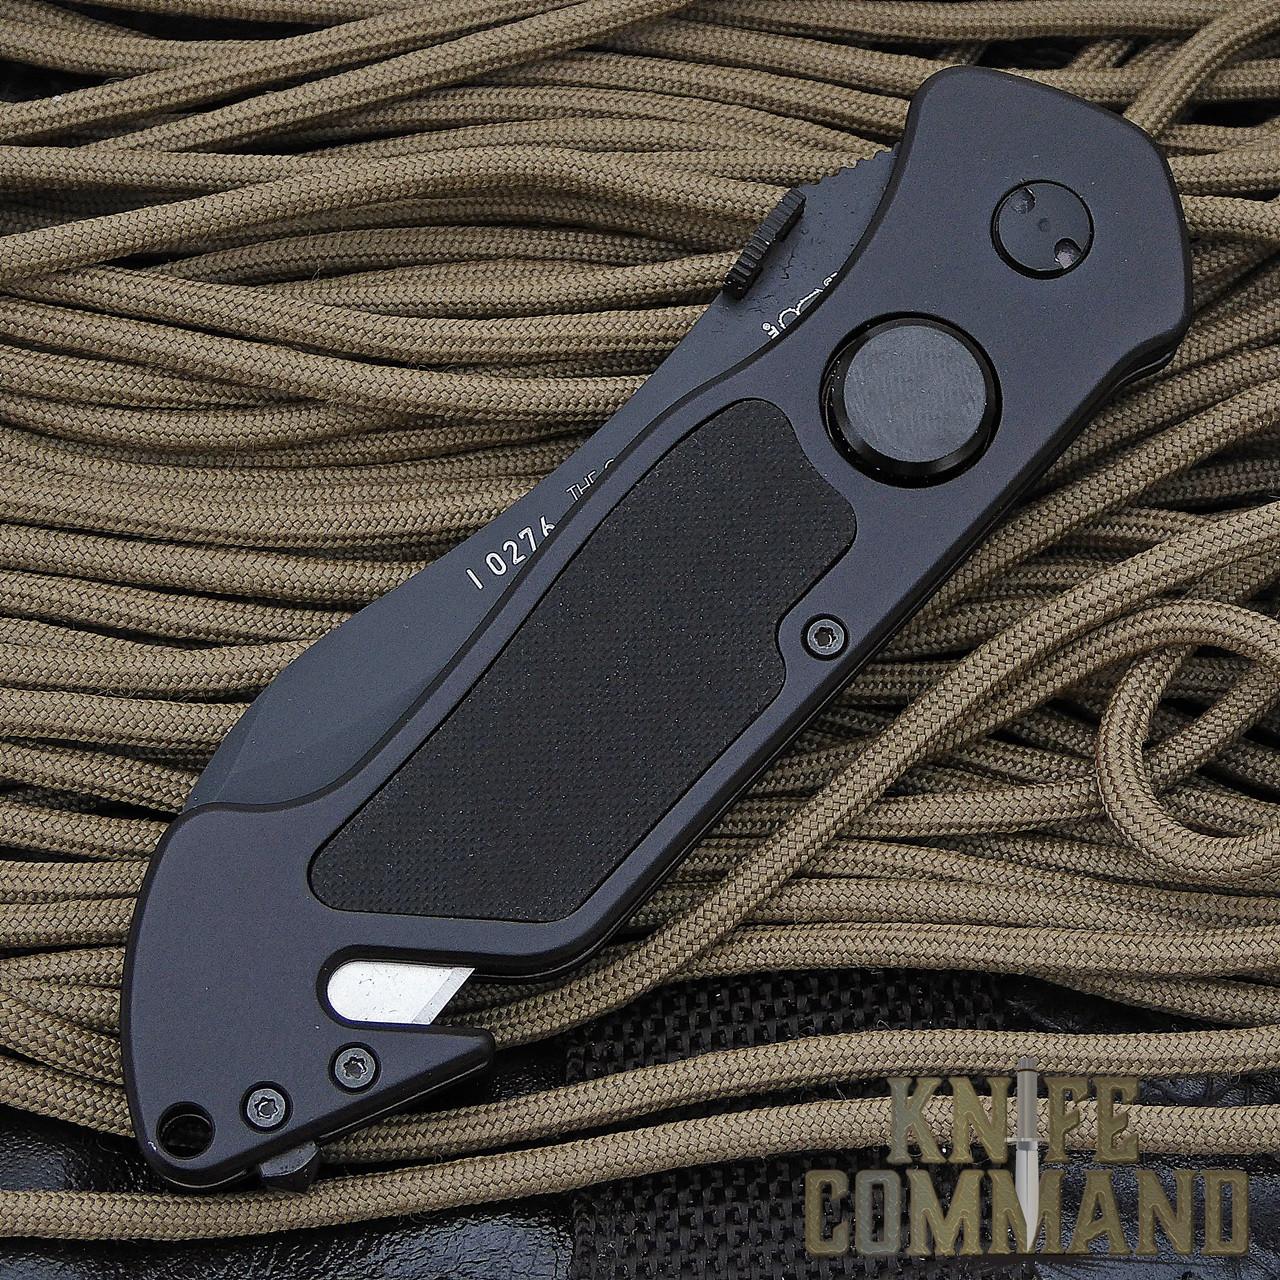 Eickhorn Solingen PRT VIII Black Tactical Emergency Rescue Knife.  Comfortable pocket carry.